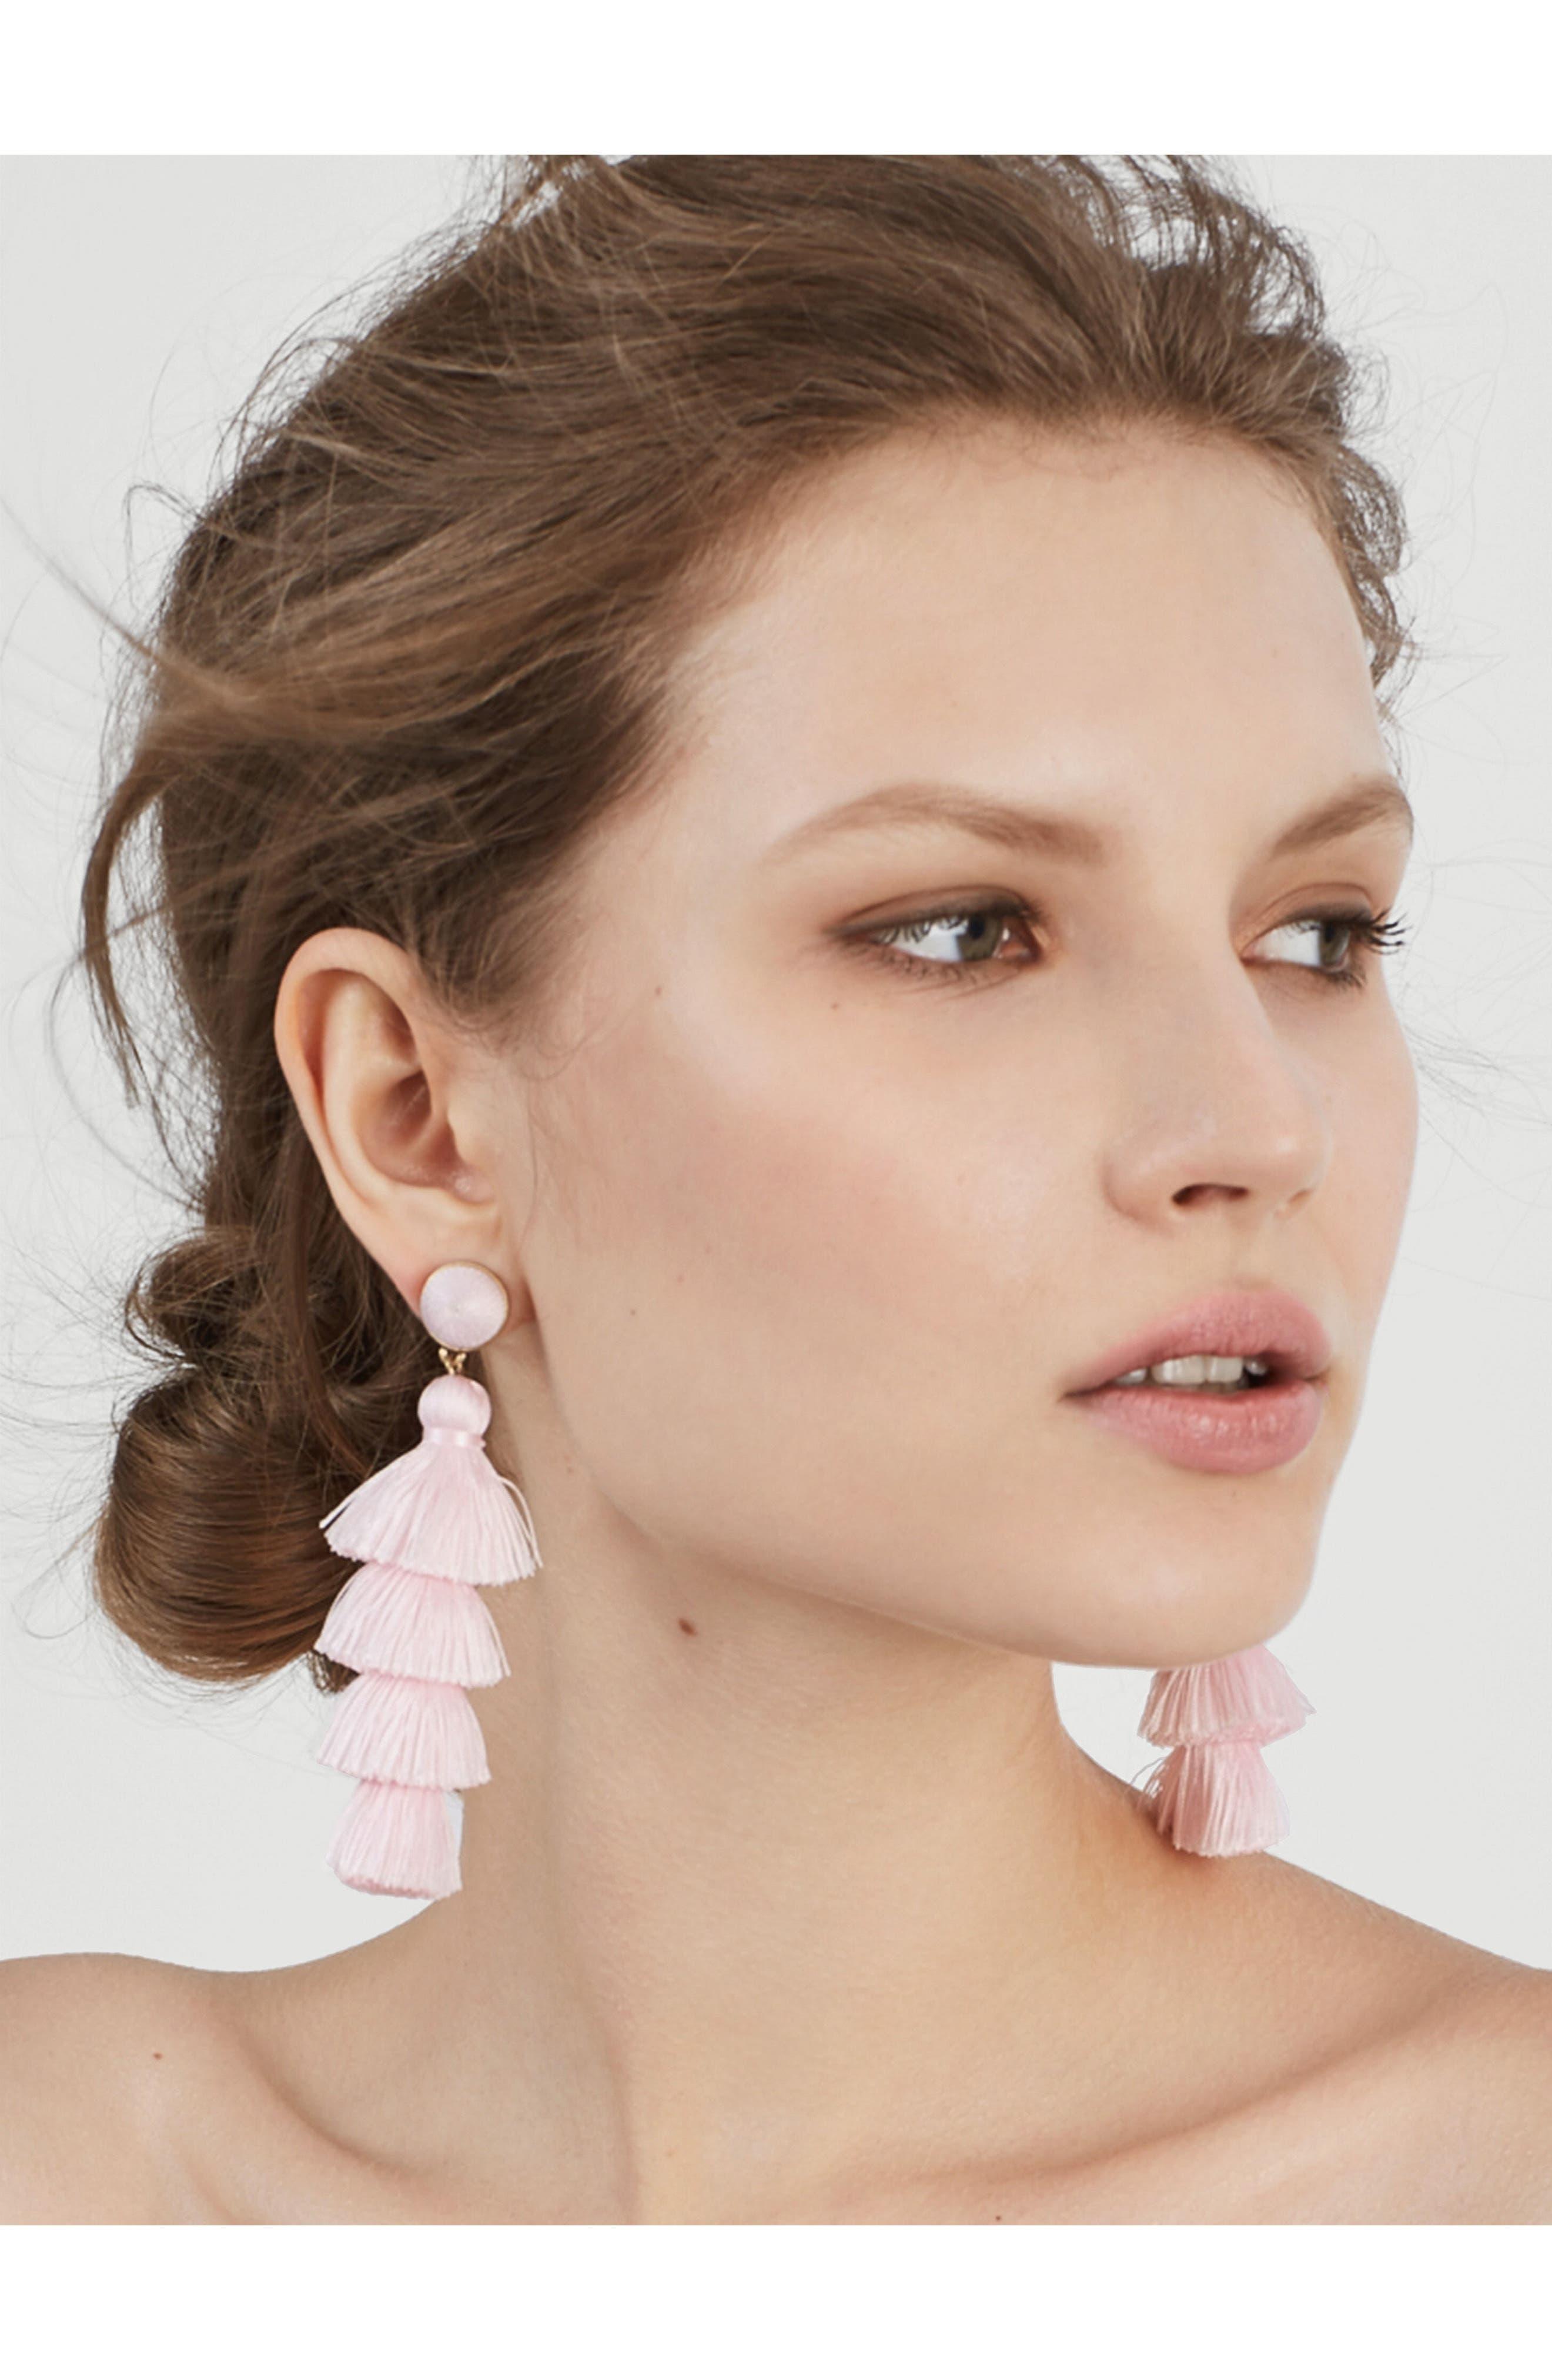 Gabriela Tassel Fringe Earrings,                             Alternate thumbnail 2, color,                             LIGHT PINK